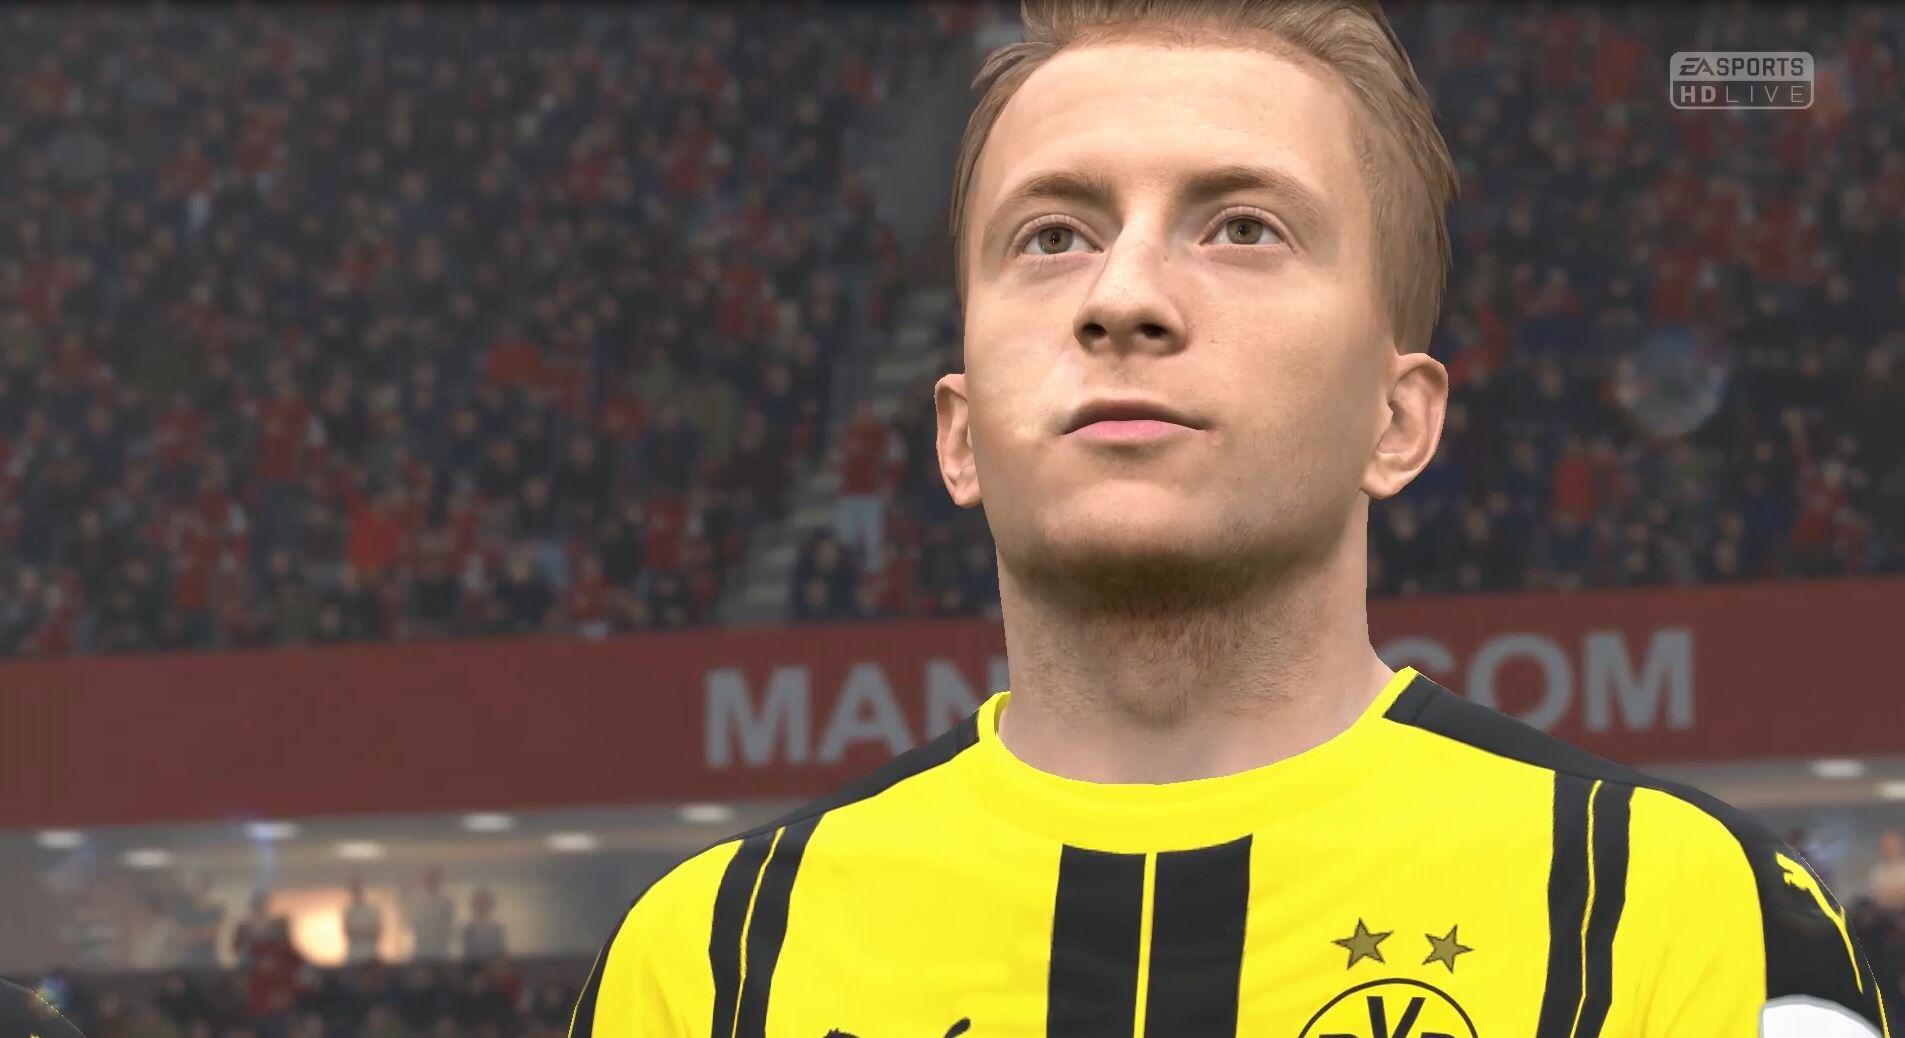 Bild zu FIFA 17, Marco Reus, Videospiel, Testbericht